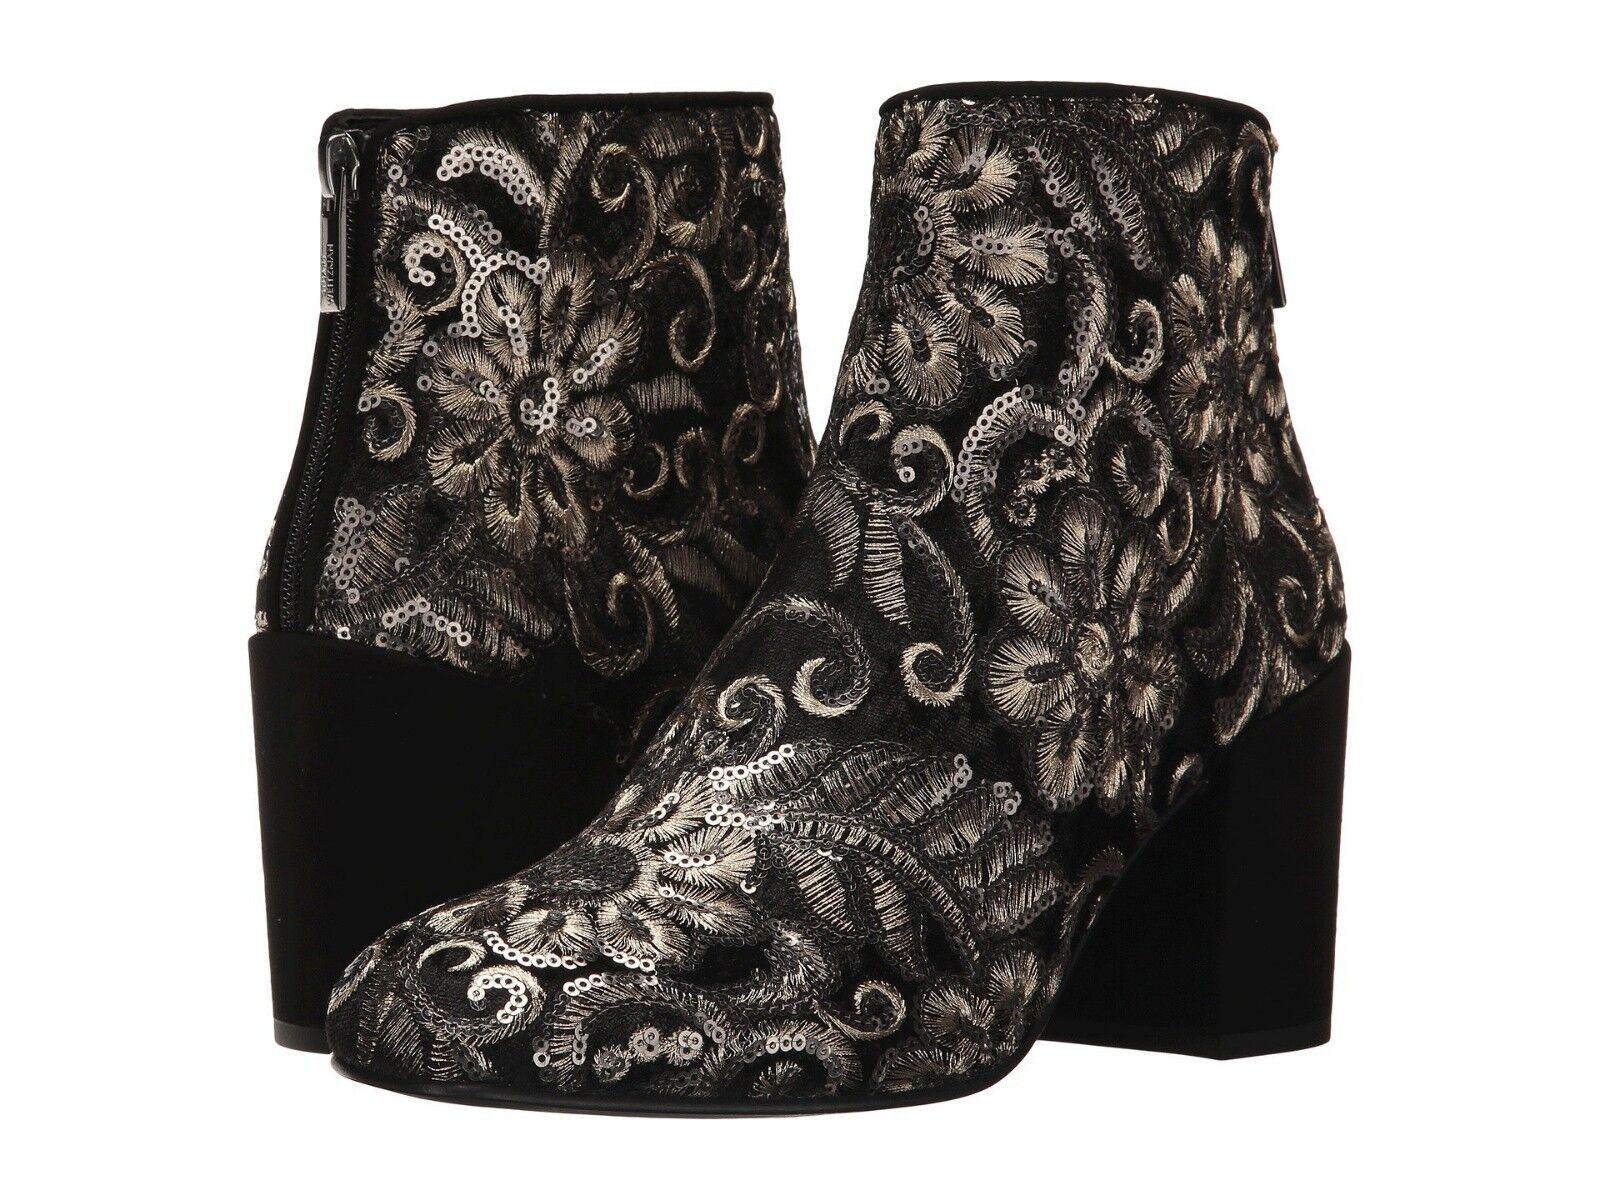 marchi di moda STUART WEITZMAN PIPEBACARI AMAZING EMBROIDERED EMBROIDERED EMBROIDERED ANKLE stivali US 9 I LOVE scarpe  la migliore moda